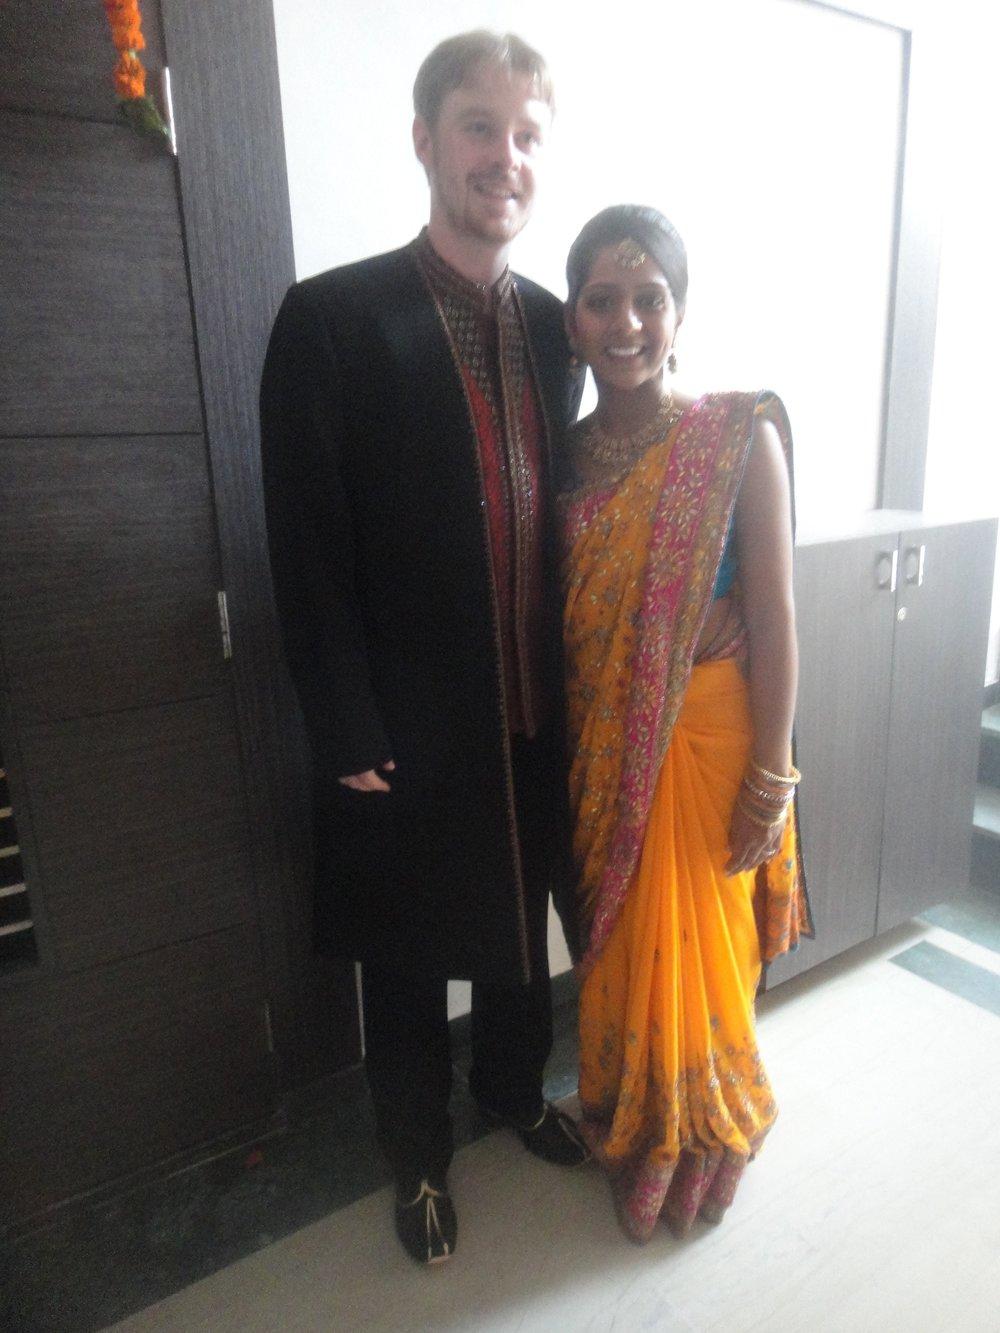 Examples of men's sherwani and women's saree